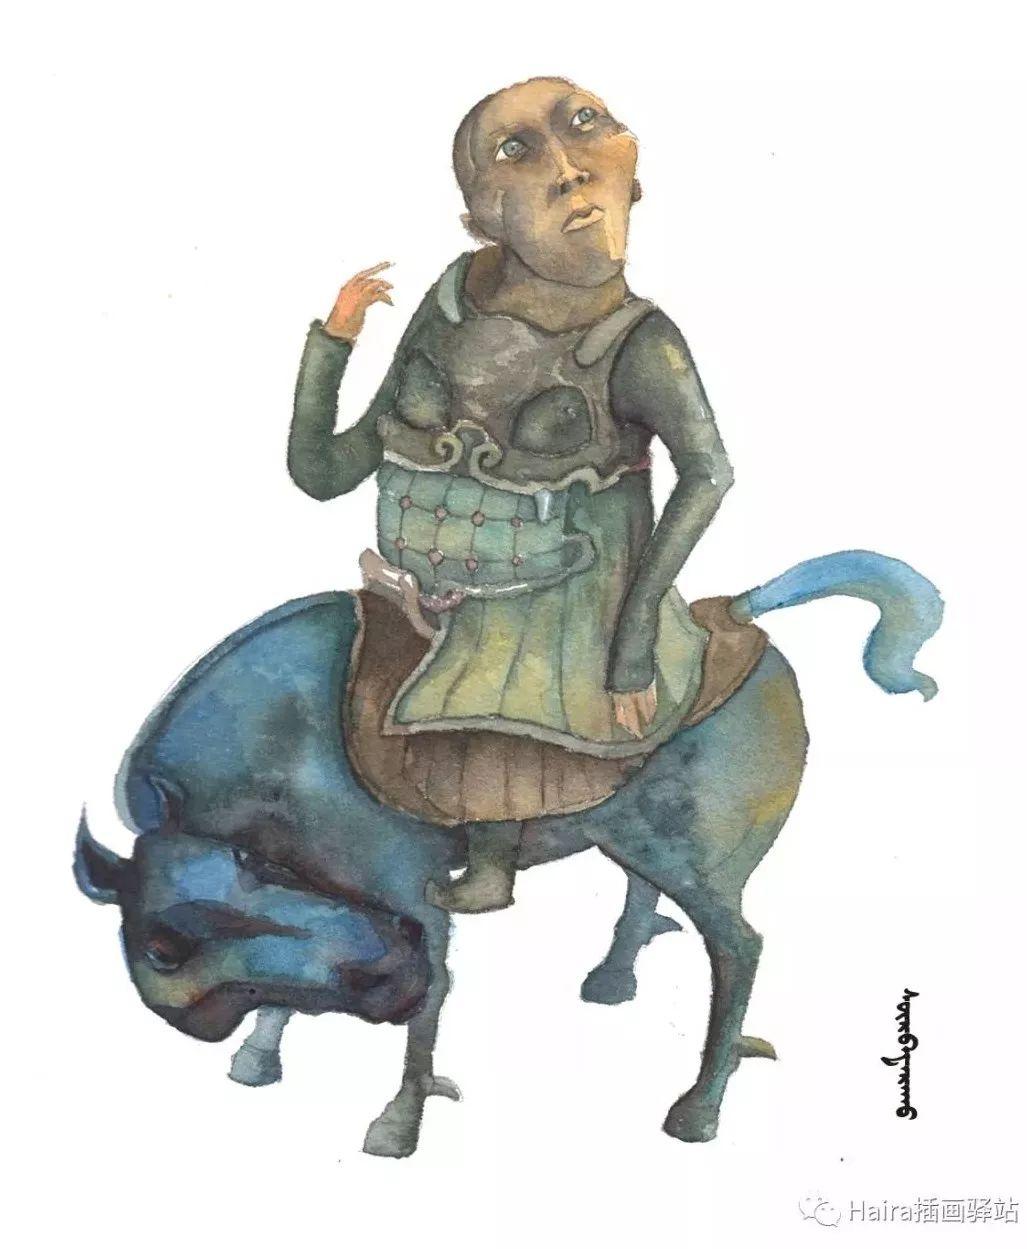 绘画作品|当达西的雕塑被搬上画纸时 第2张